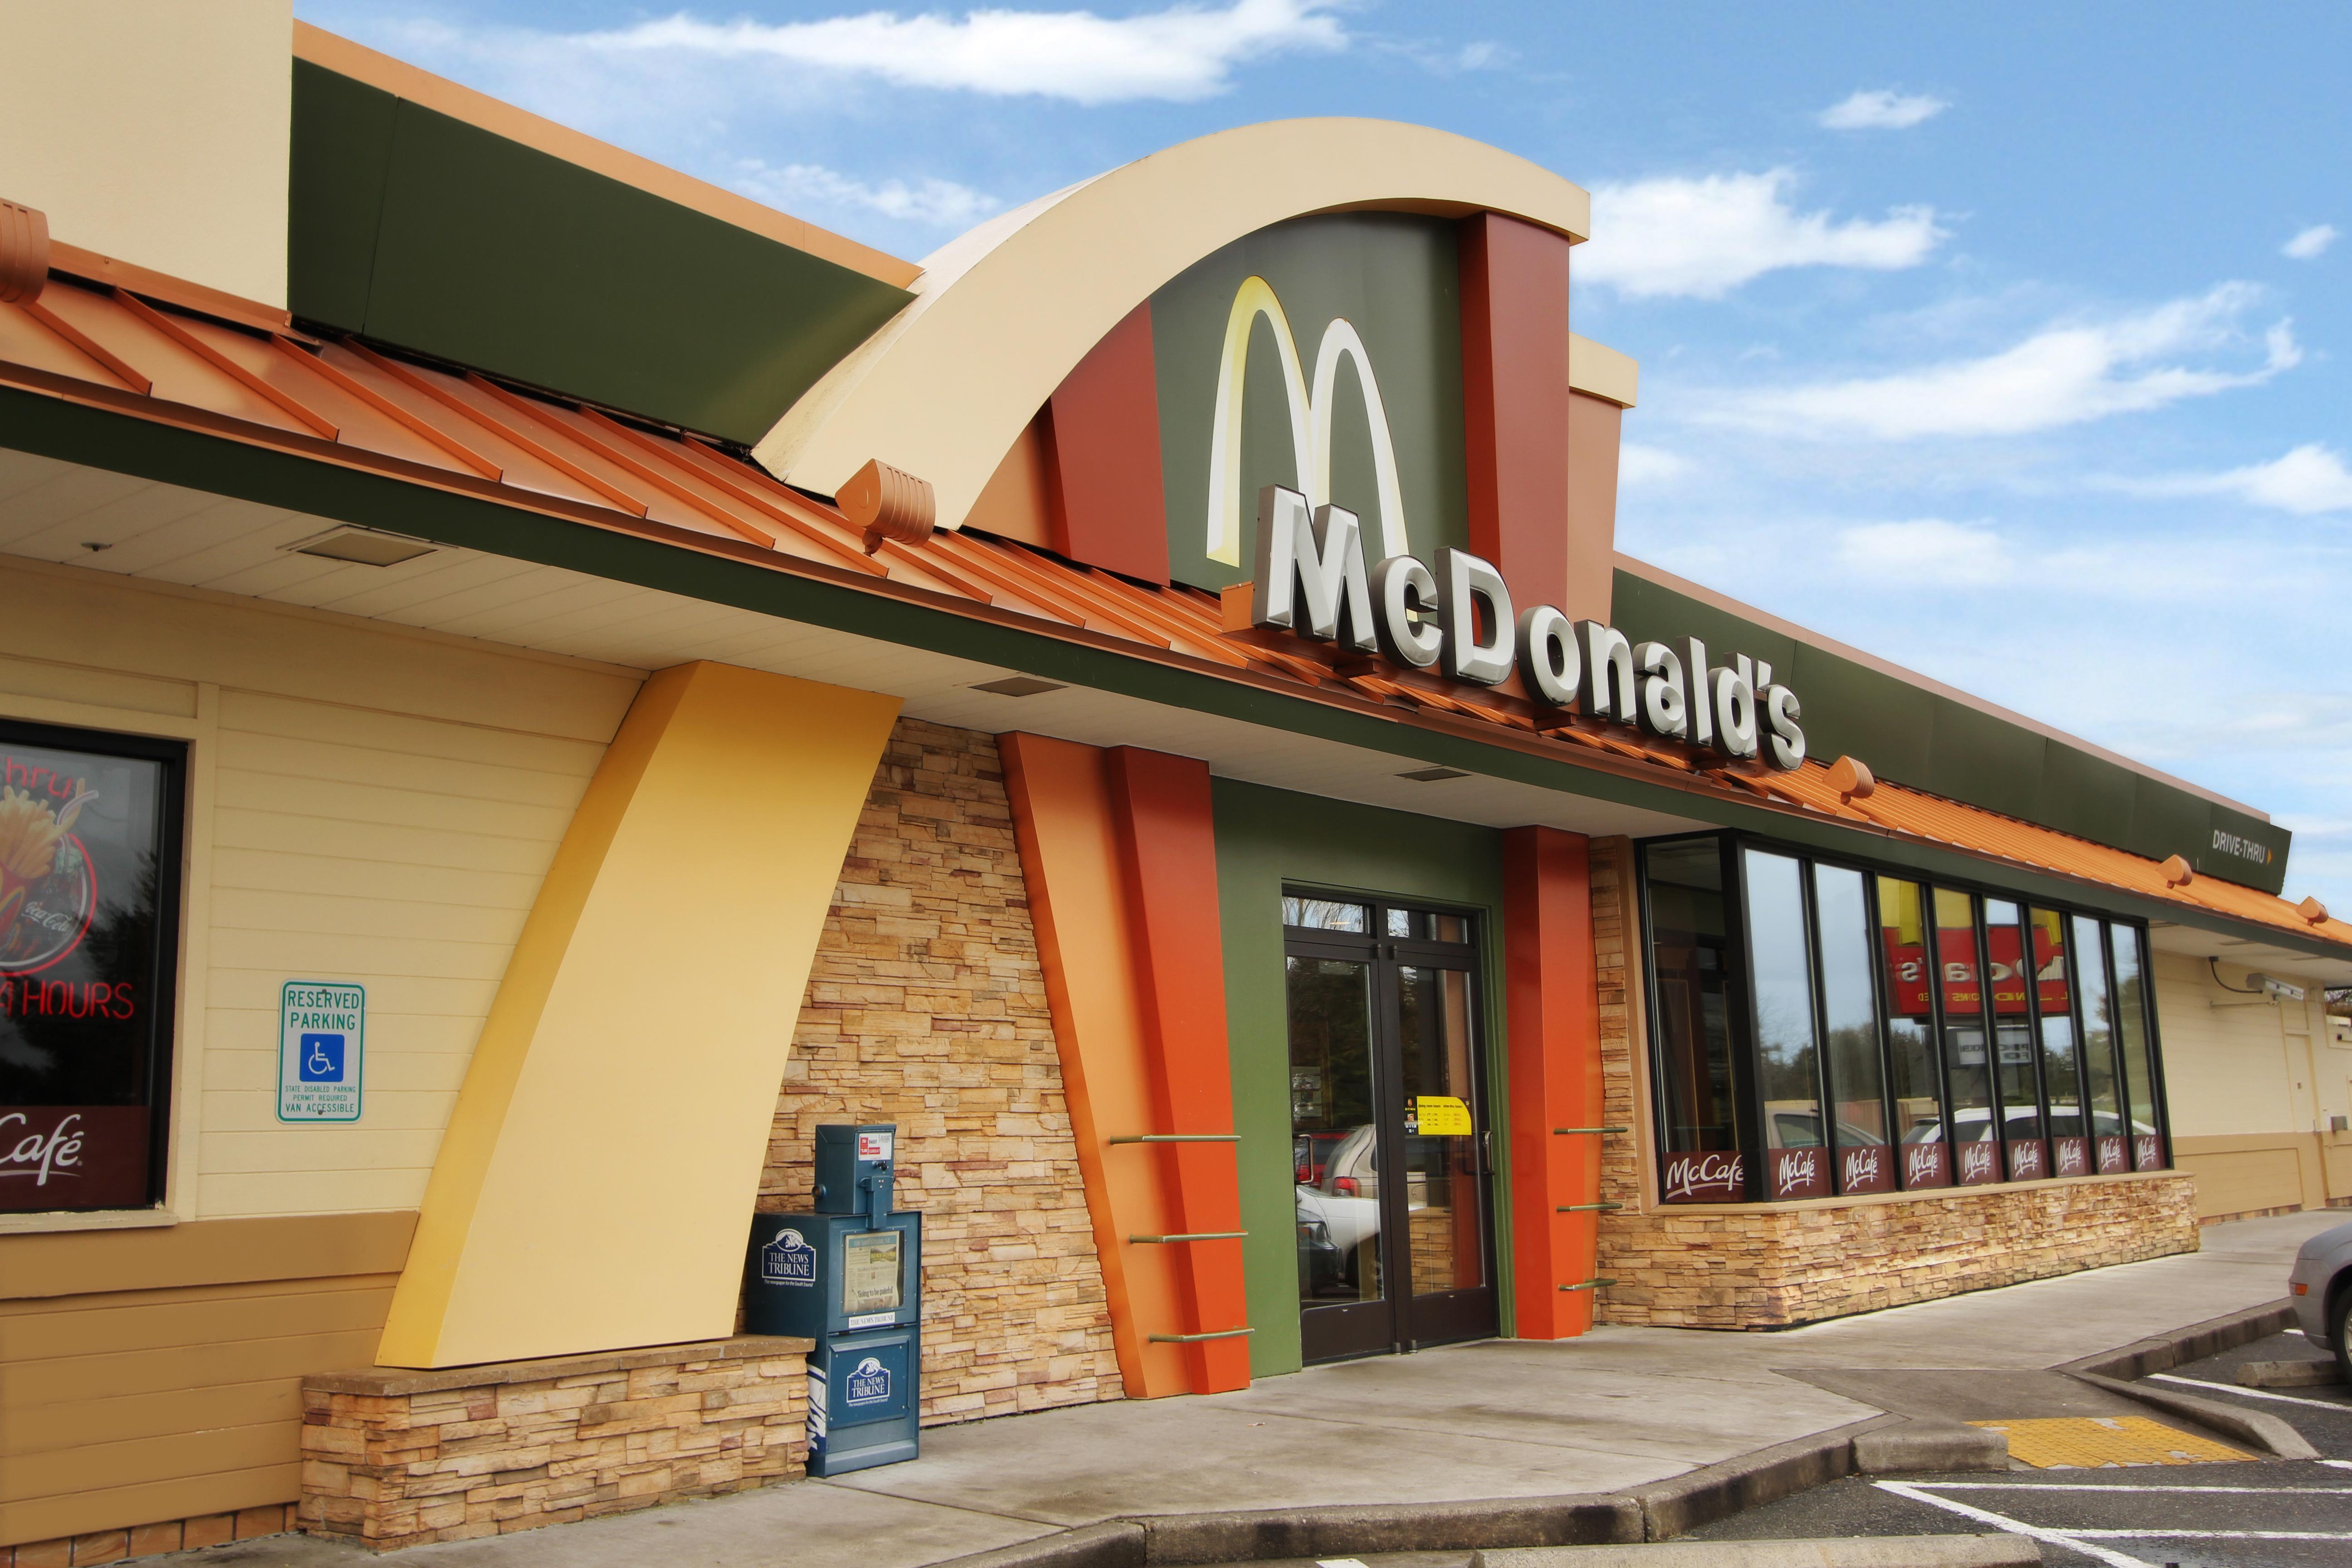 Restaurant decor design restaurant franchise design for Mcdonalds exterior design